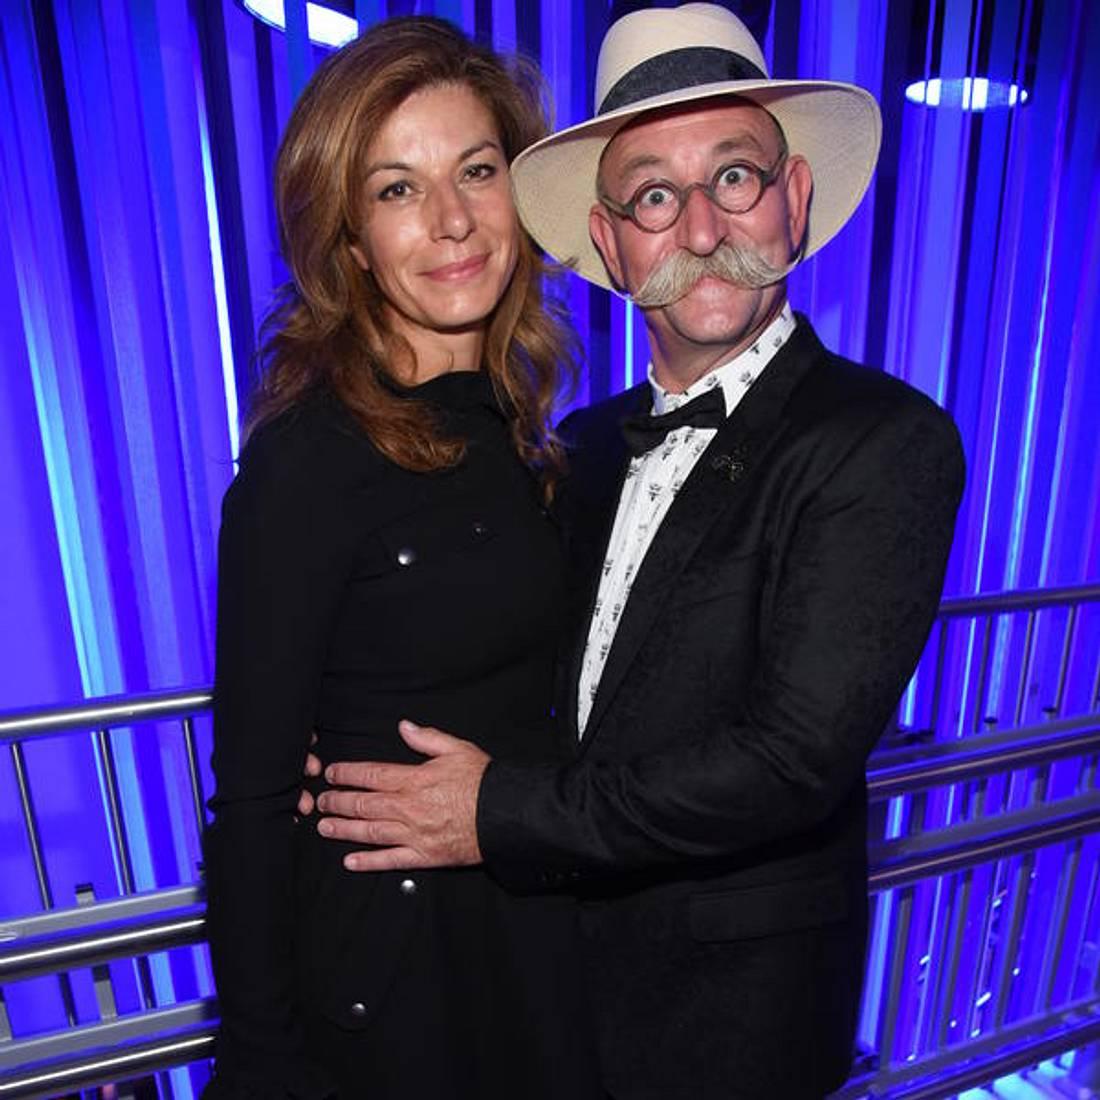 Ist Horst Lichters Ehe in Gefahr?